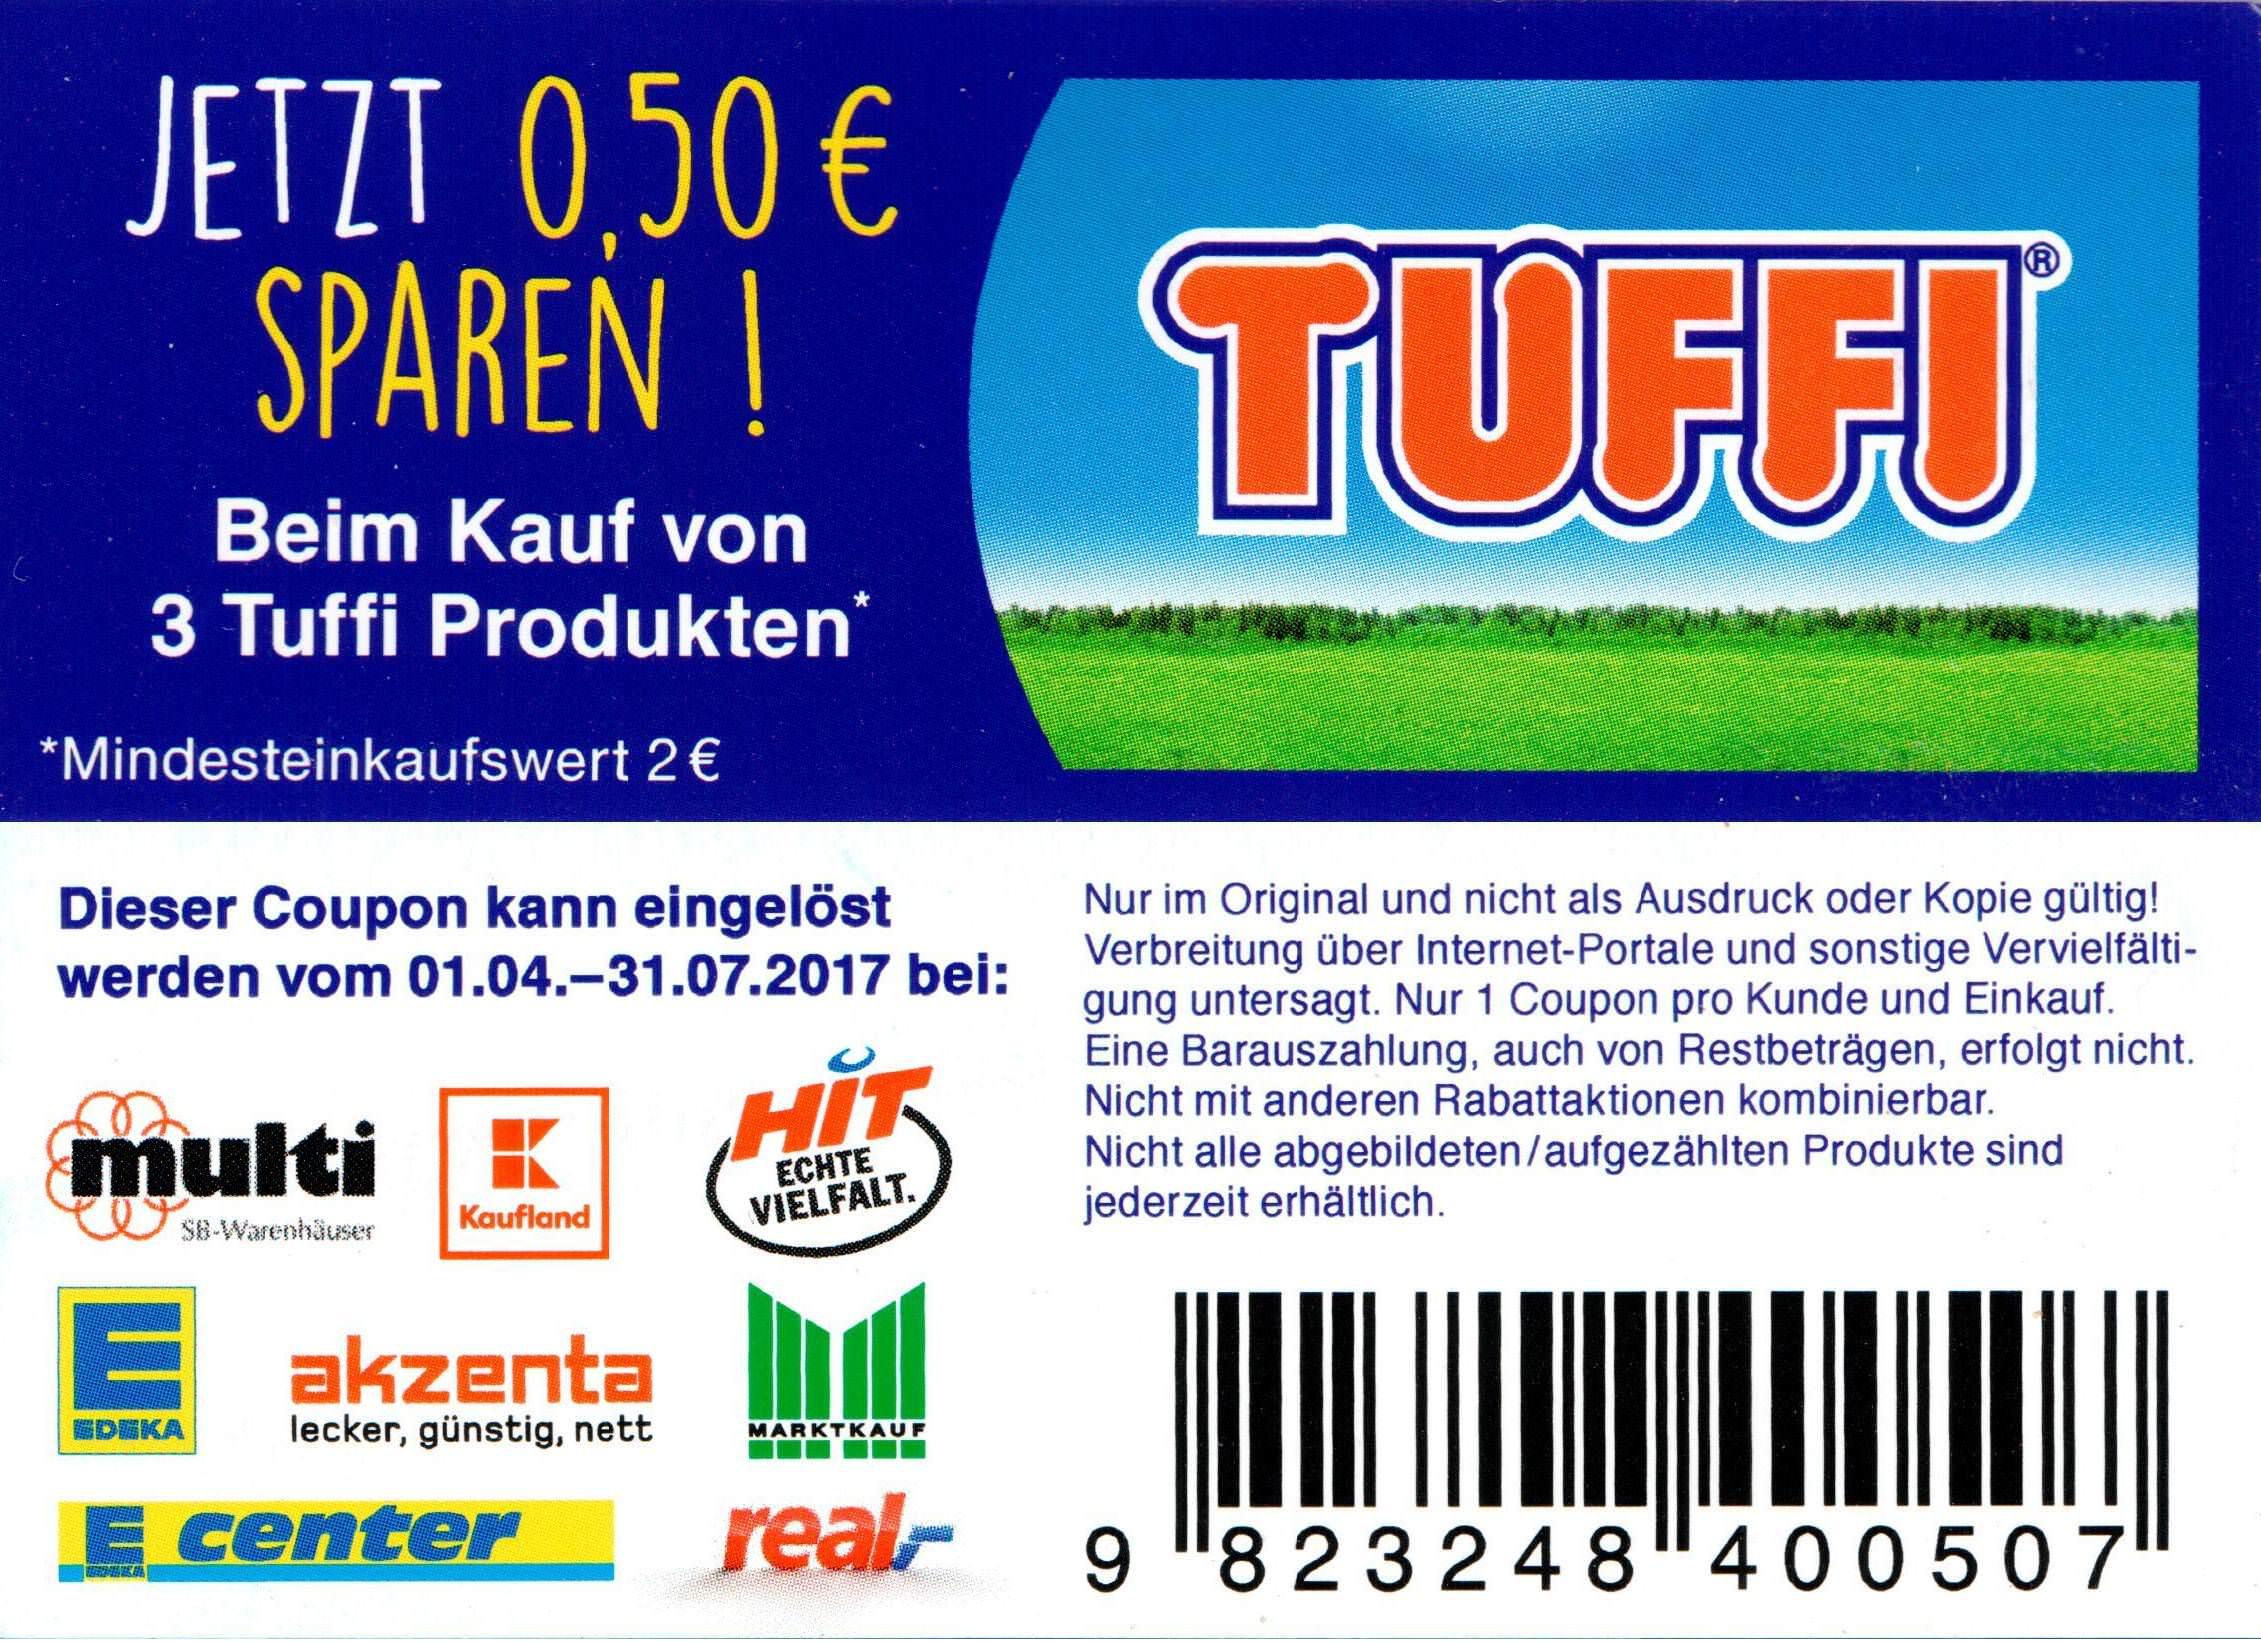 0,50€ Sofort-Rabatt-Coupon für 3 TUFFI Produkte bis 31.07.2017 [bundesweit]